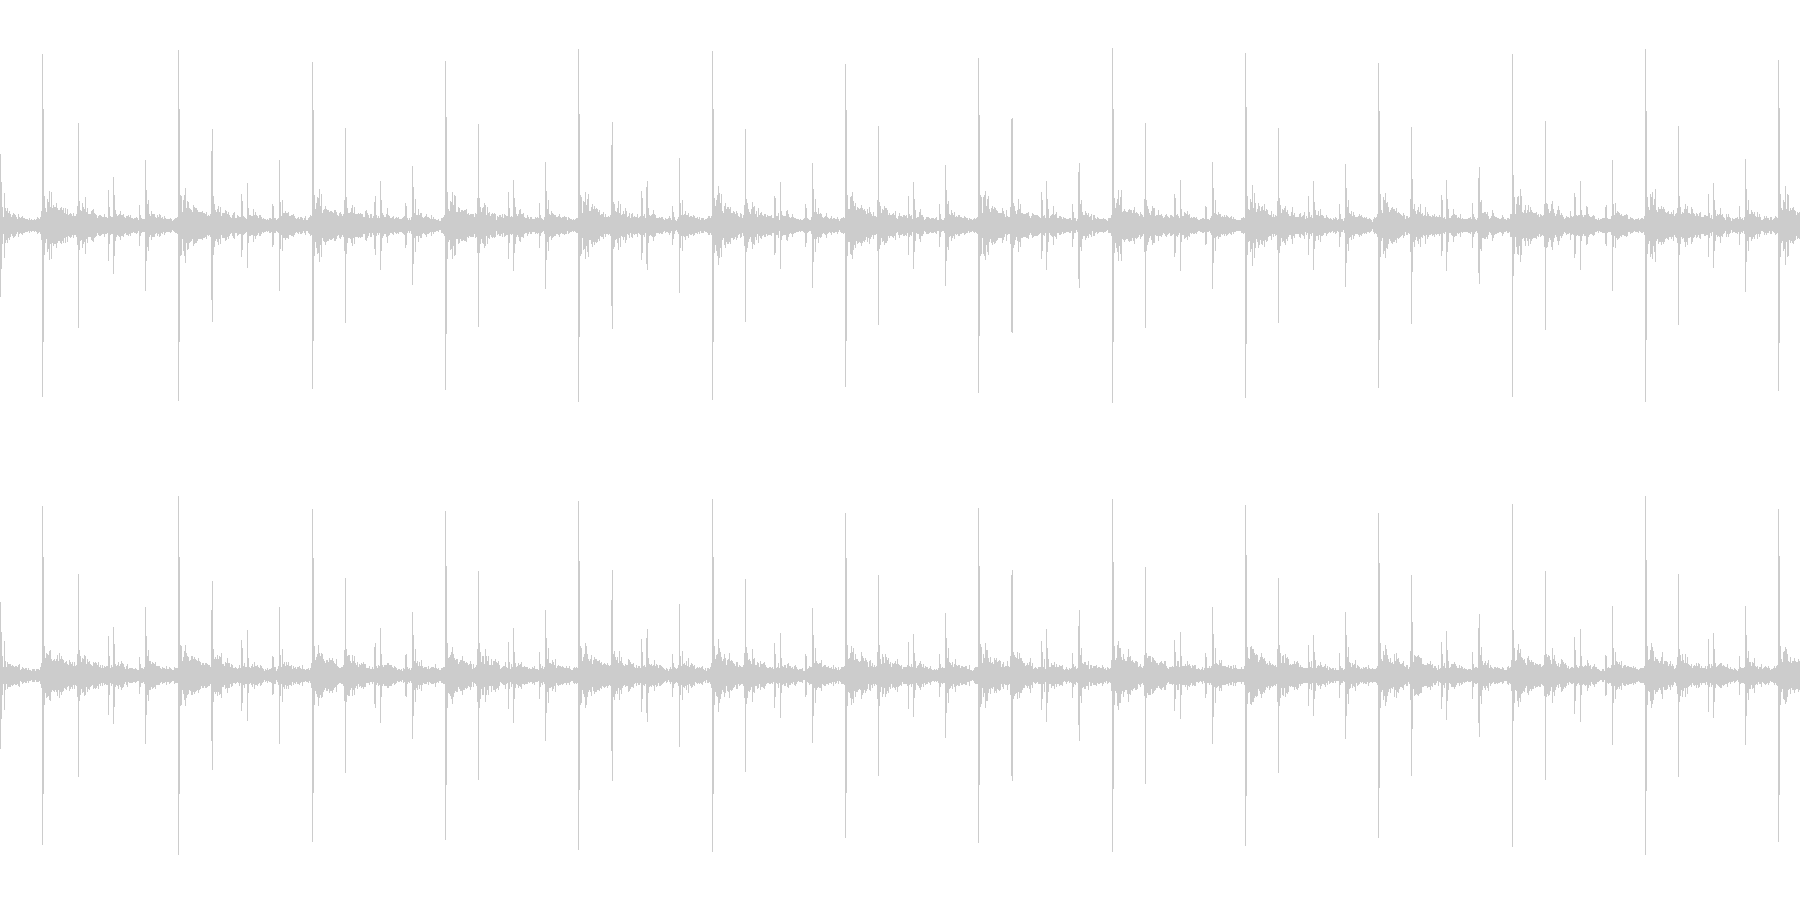 かつかつ(足音)の未再生の波形